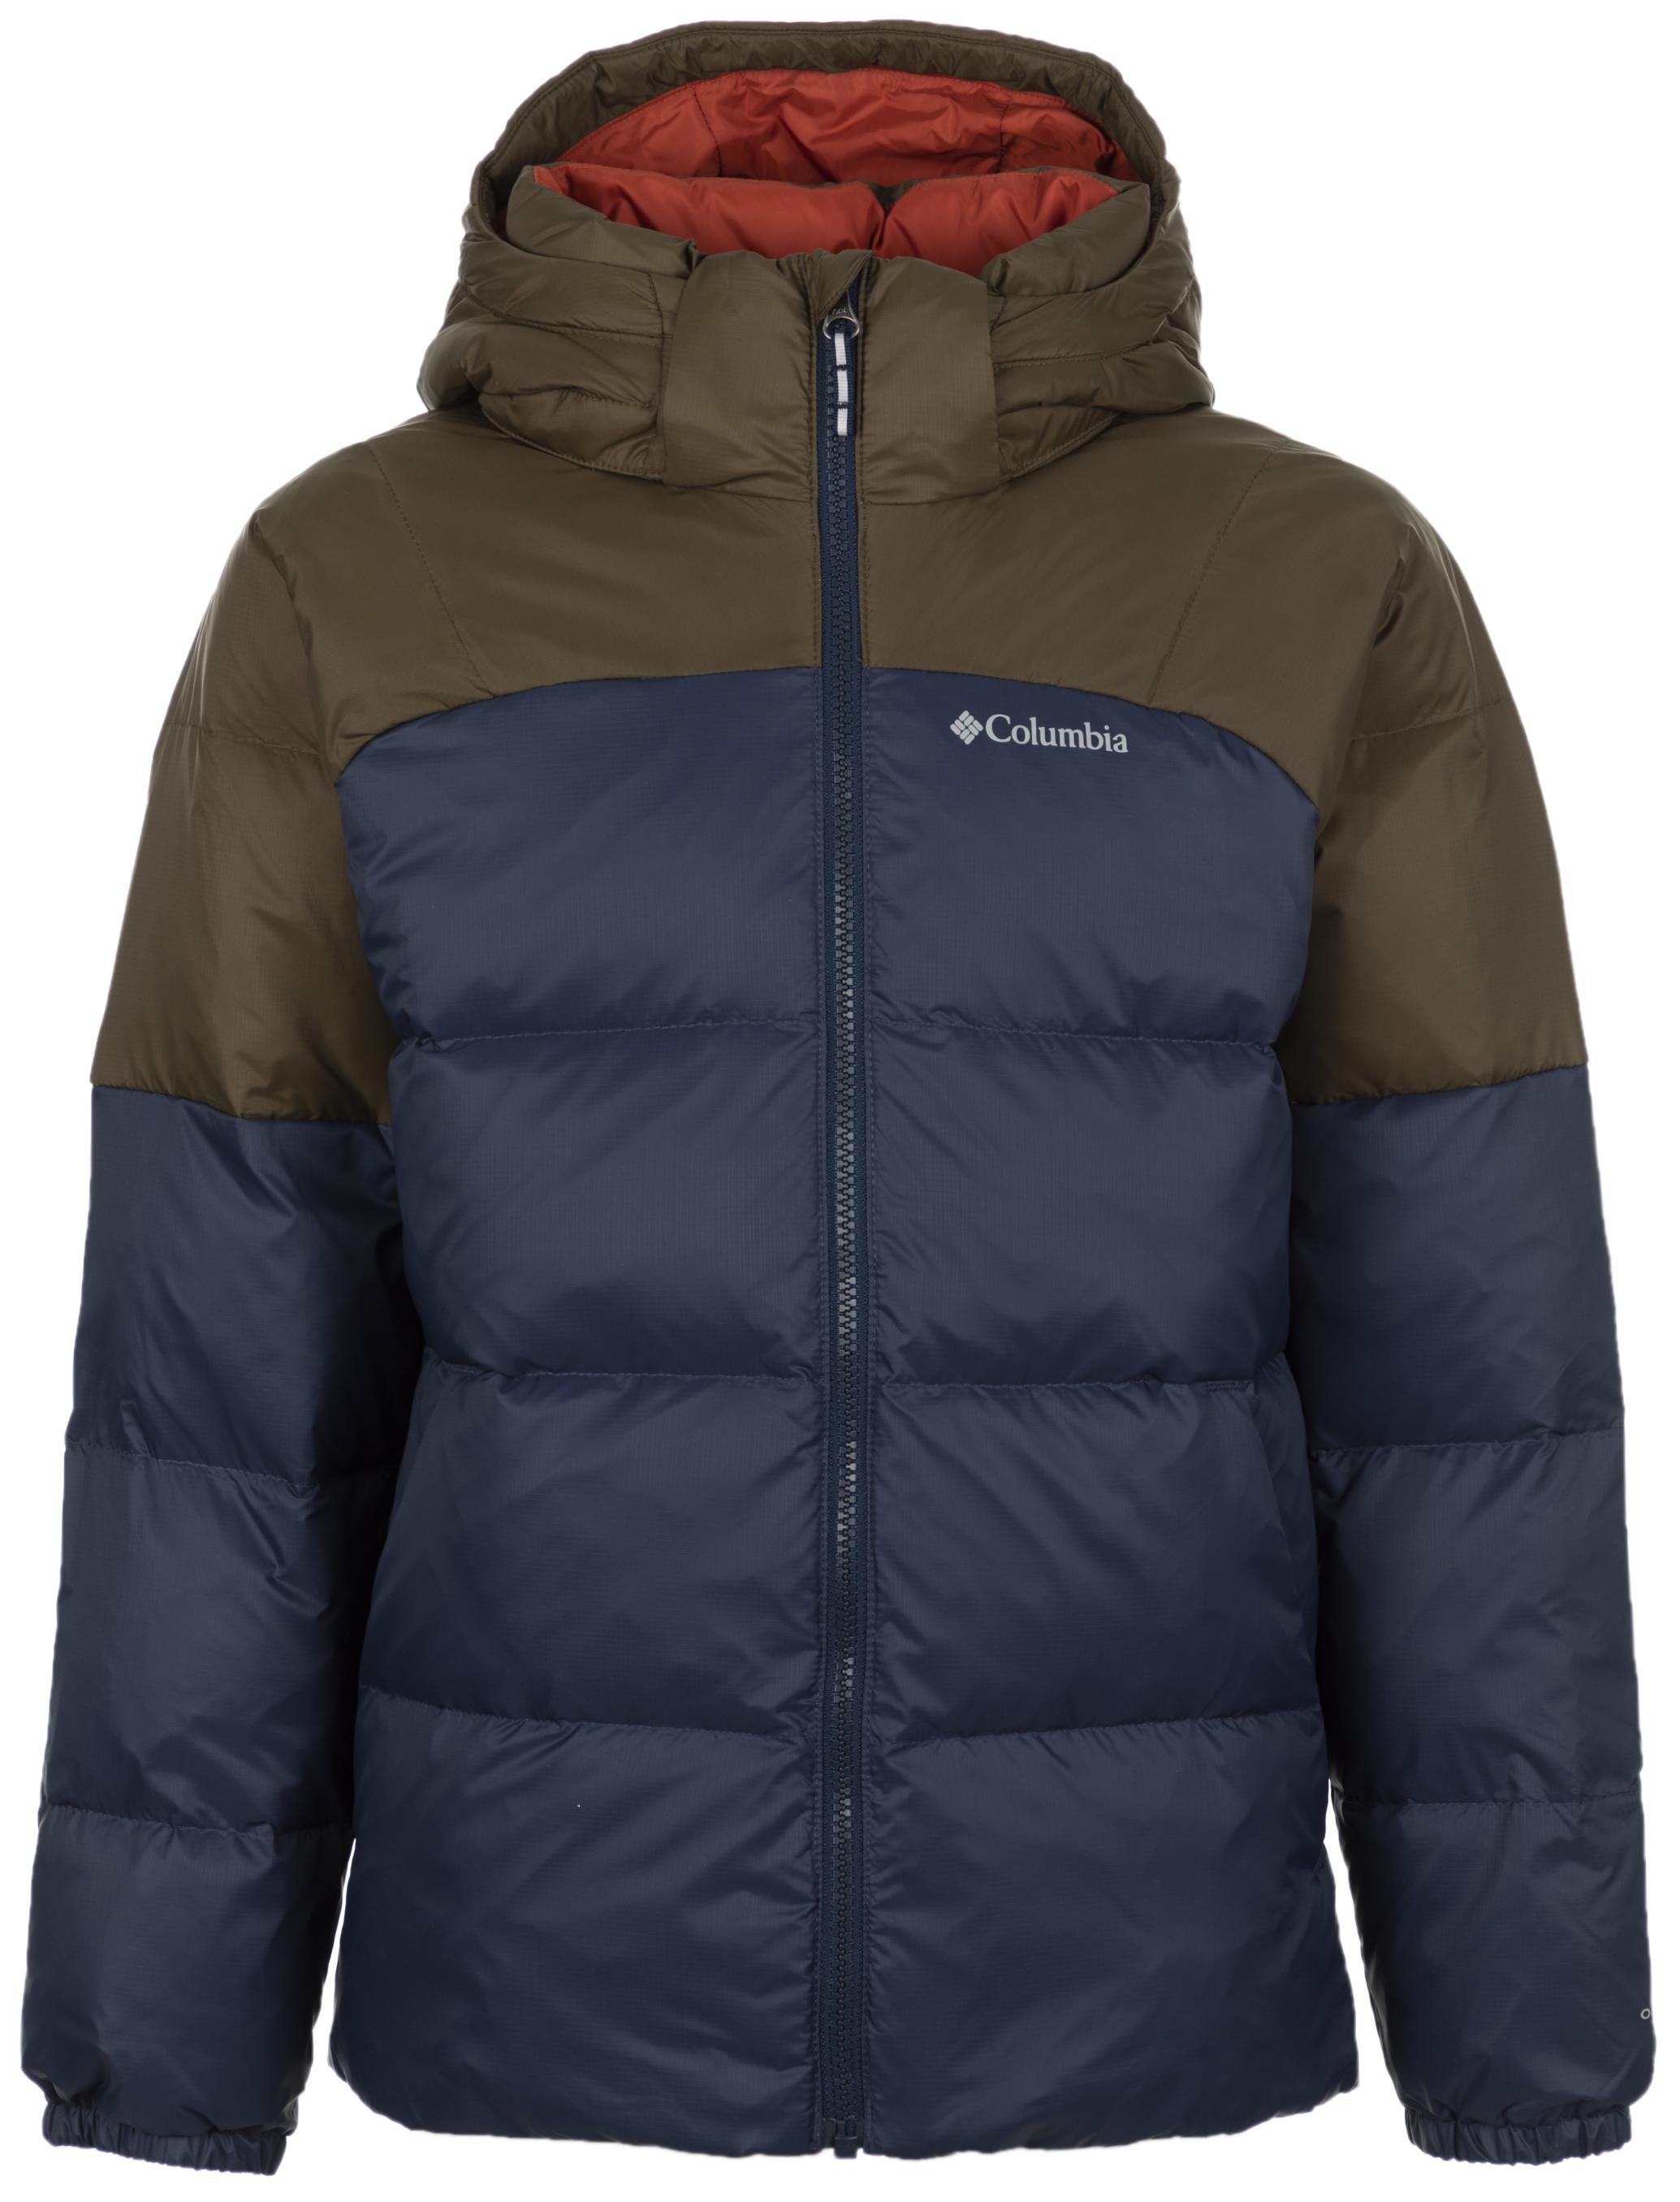 Columbia Куртка пуховая для мальчиков Centennial Creek, размер 159-167